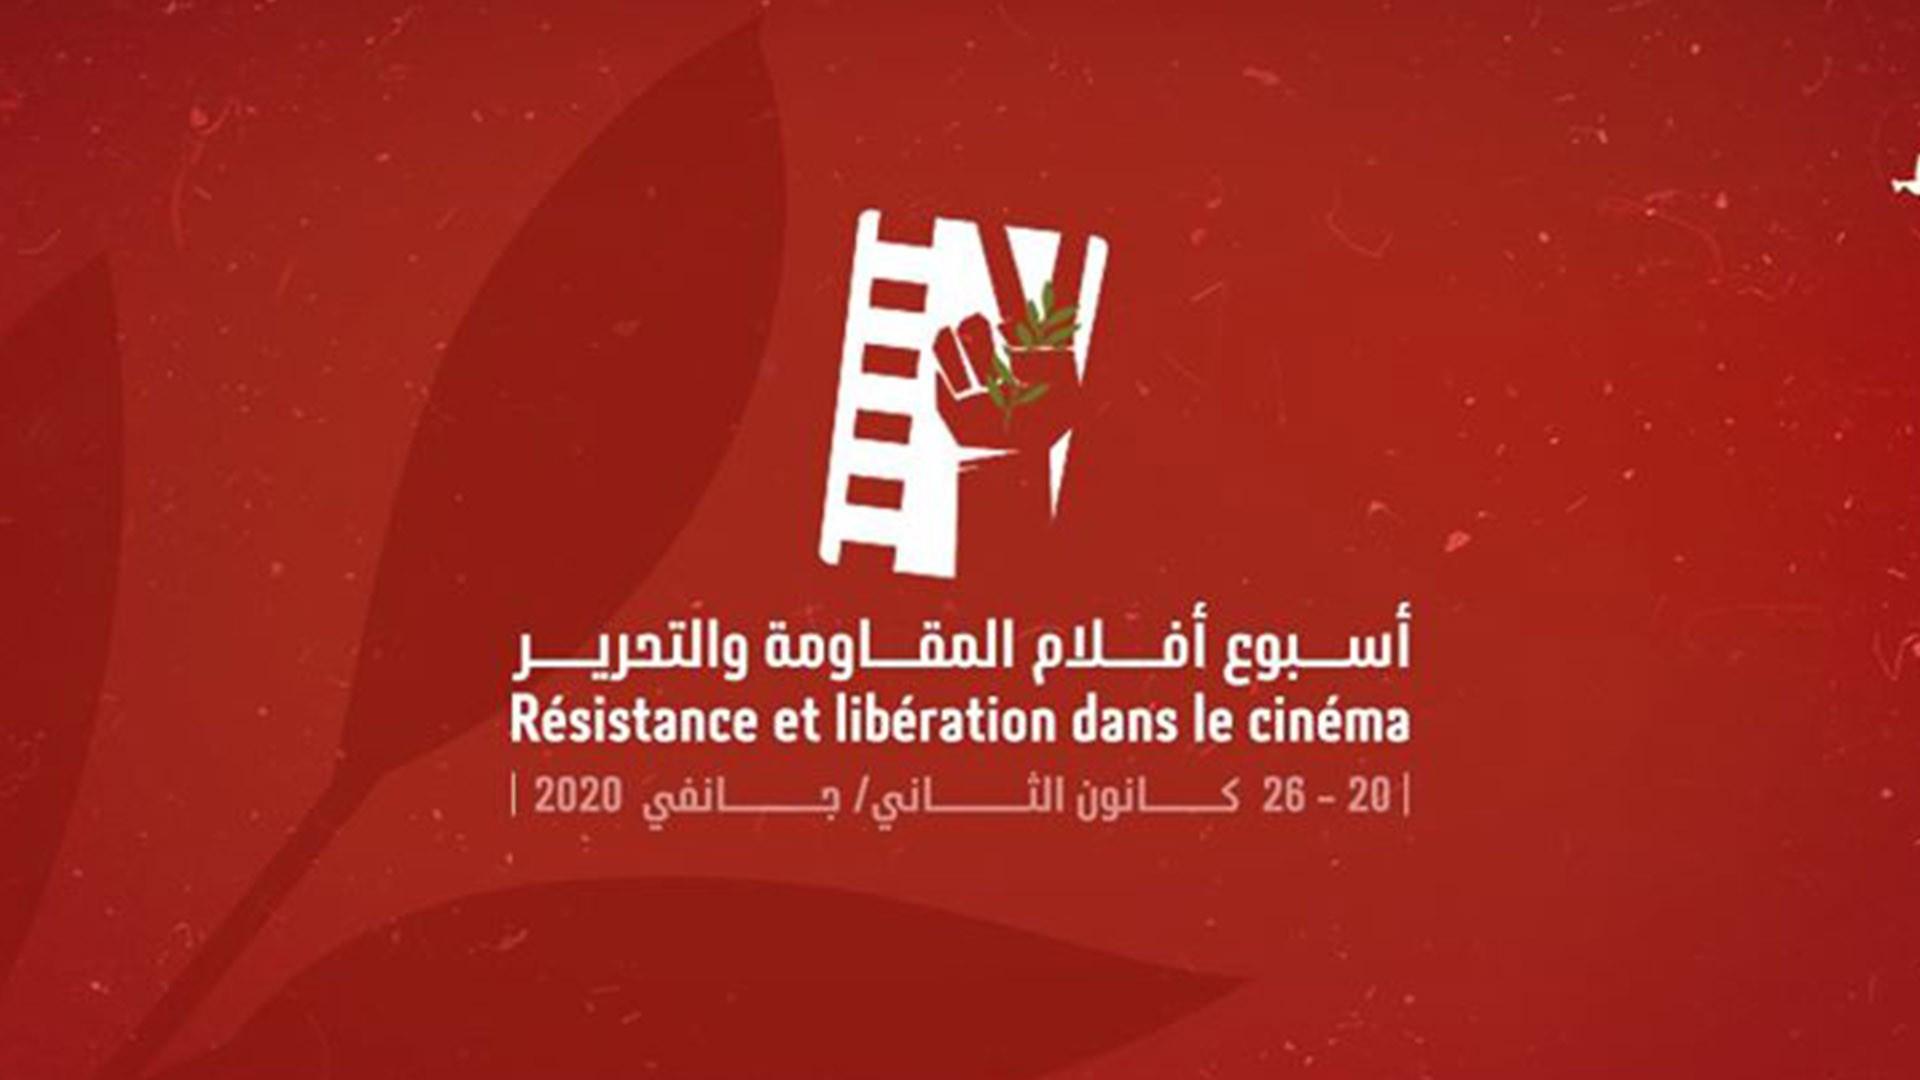 أسبوع-أفلام-المقاومة-والتحرير-بتونس